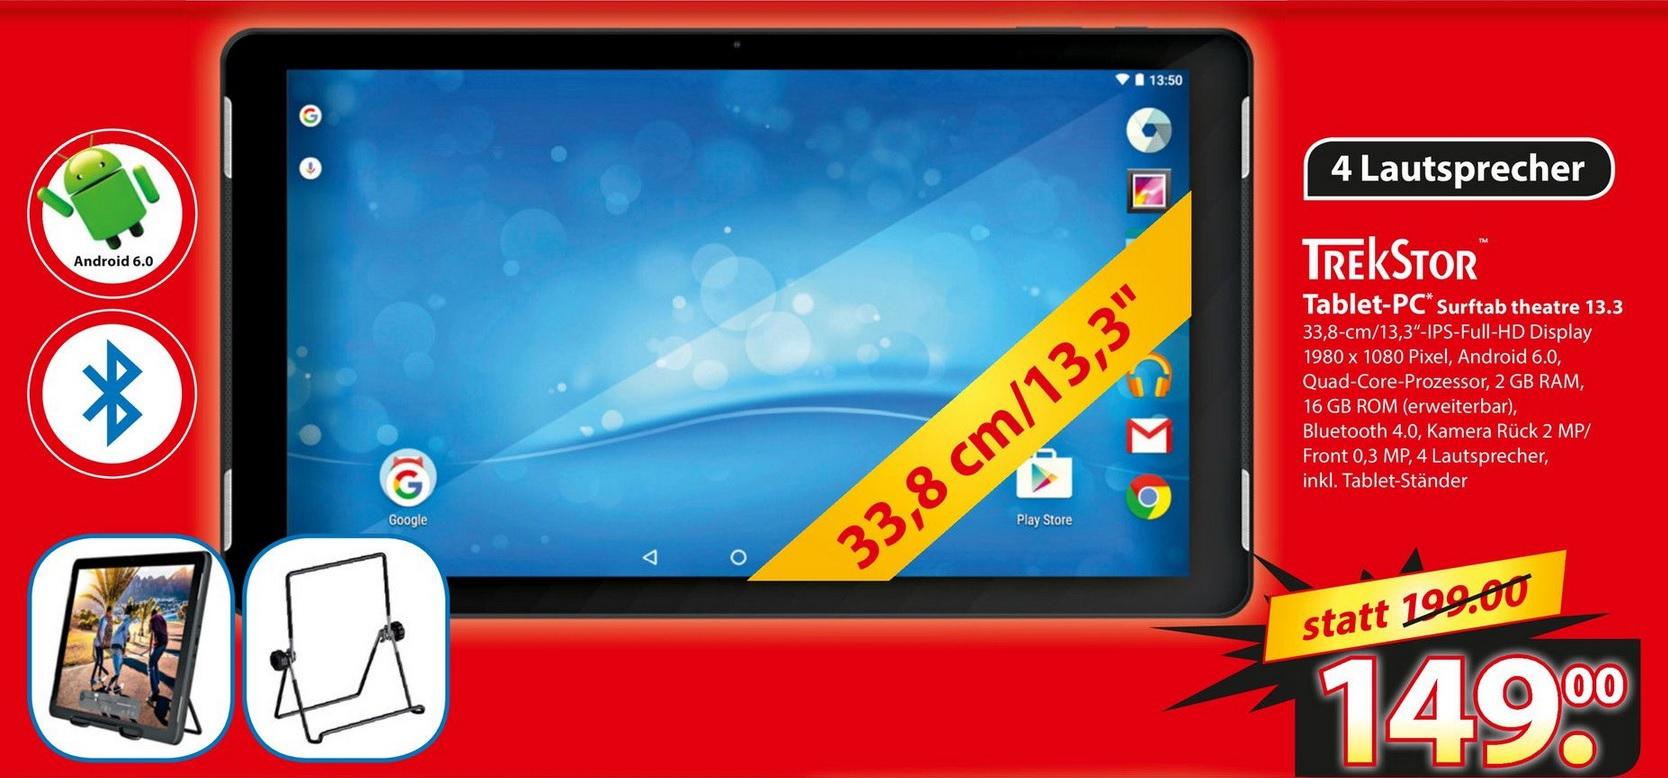 [lokal Langenhagen] TrekStor SurfTab Theatre 13.3 WiFi Tablet 16GB inkl. Ständer für 149,00€ @ famila